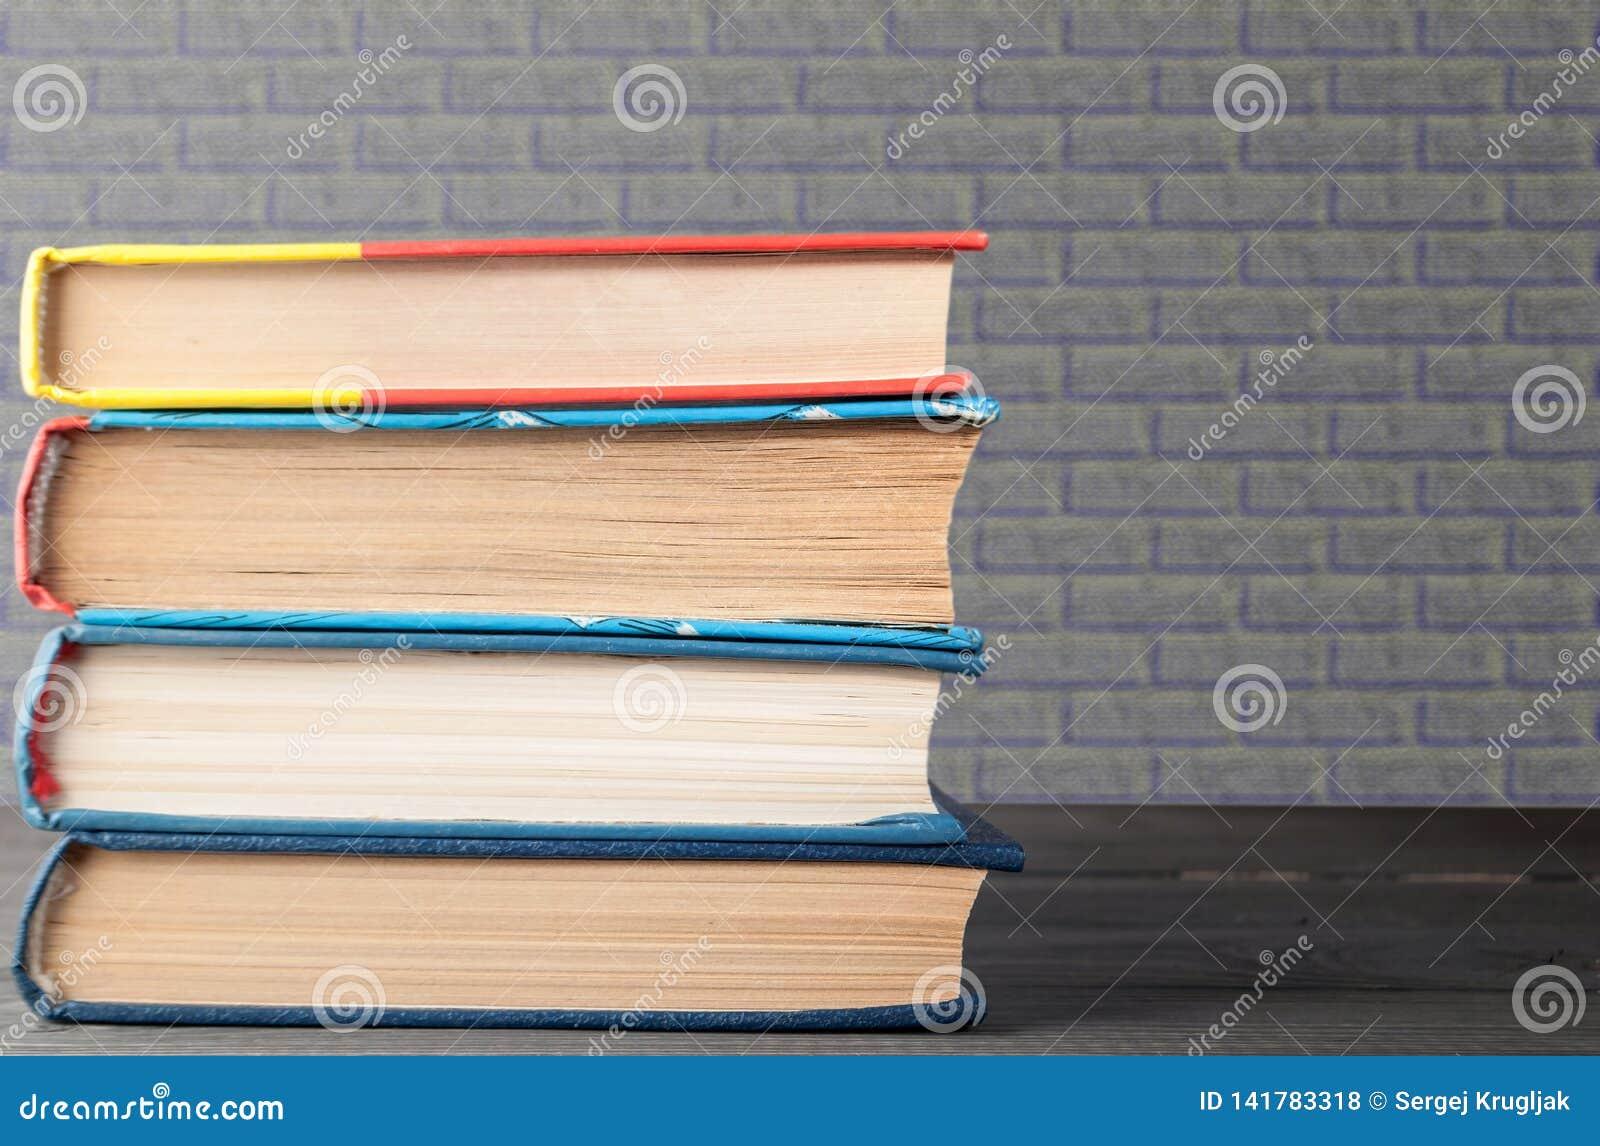 Стог книг с серой кирпичной кладкой на заднем плане, концепция образования, науки